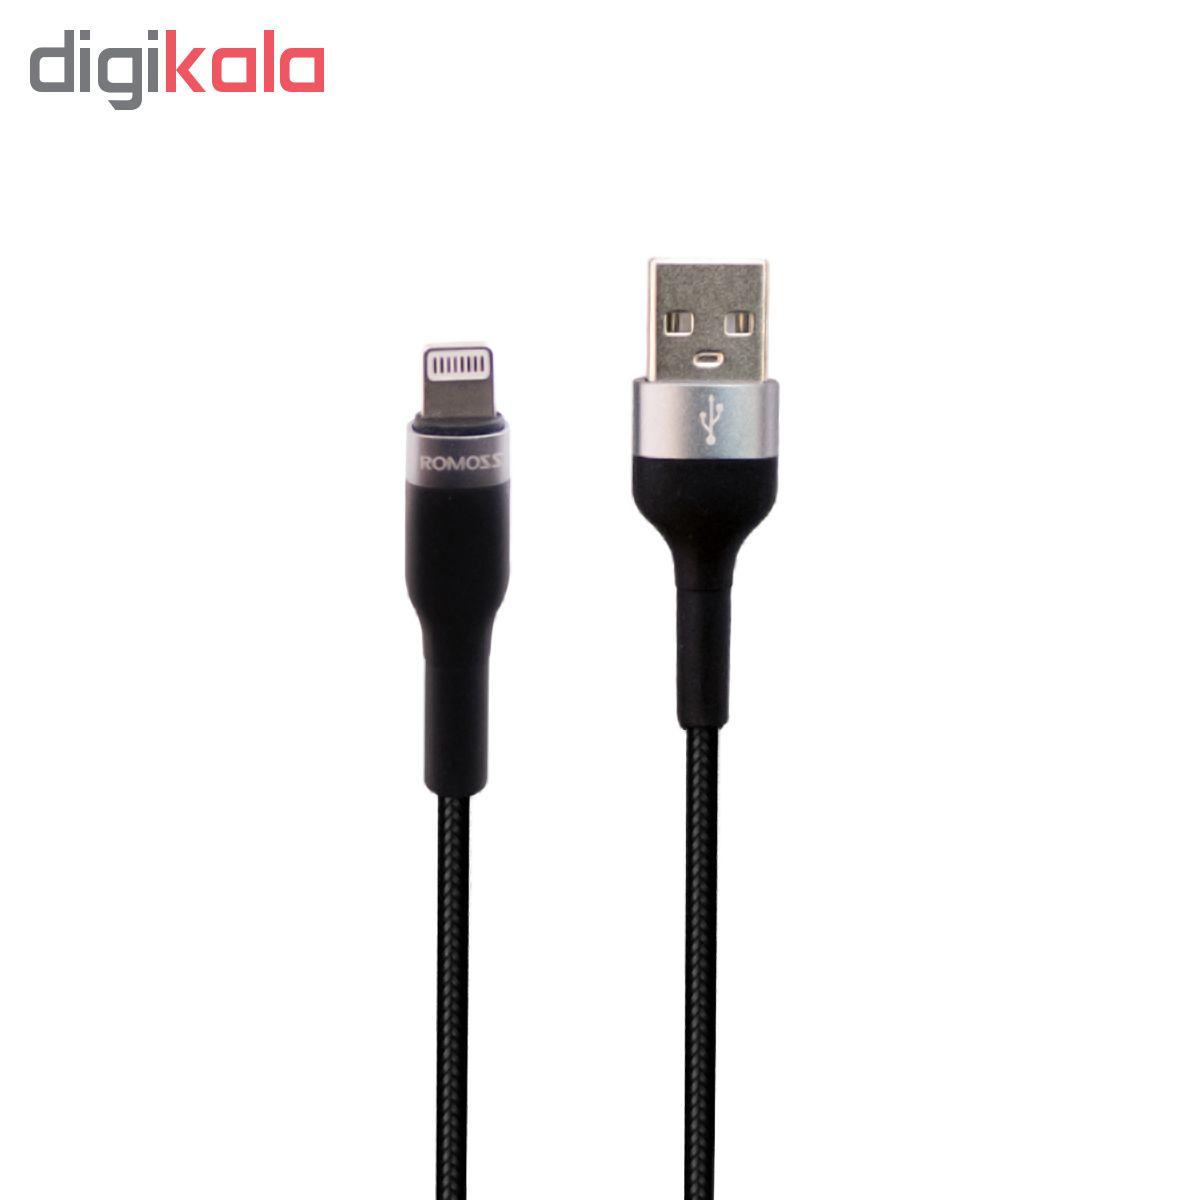 کابل تبدیل USB به لایتنینگ روموس مدل CB12B طول 1 متر main 1 2